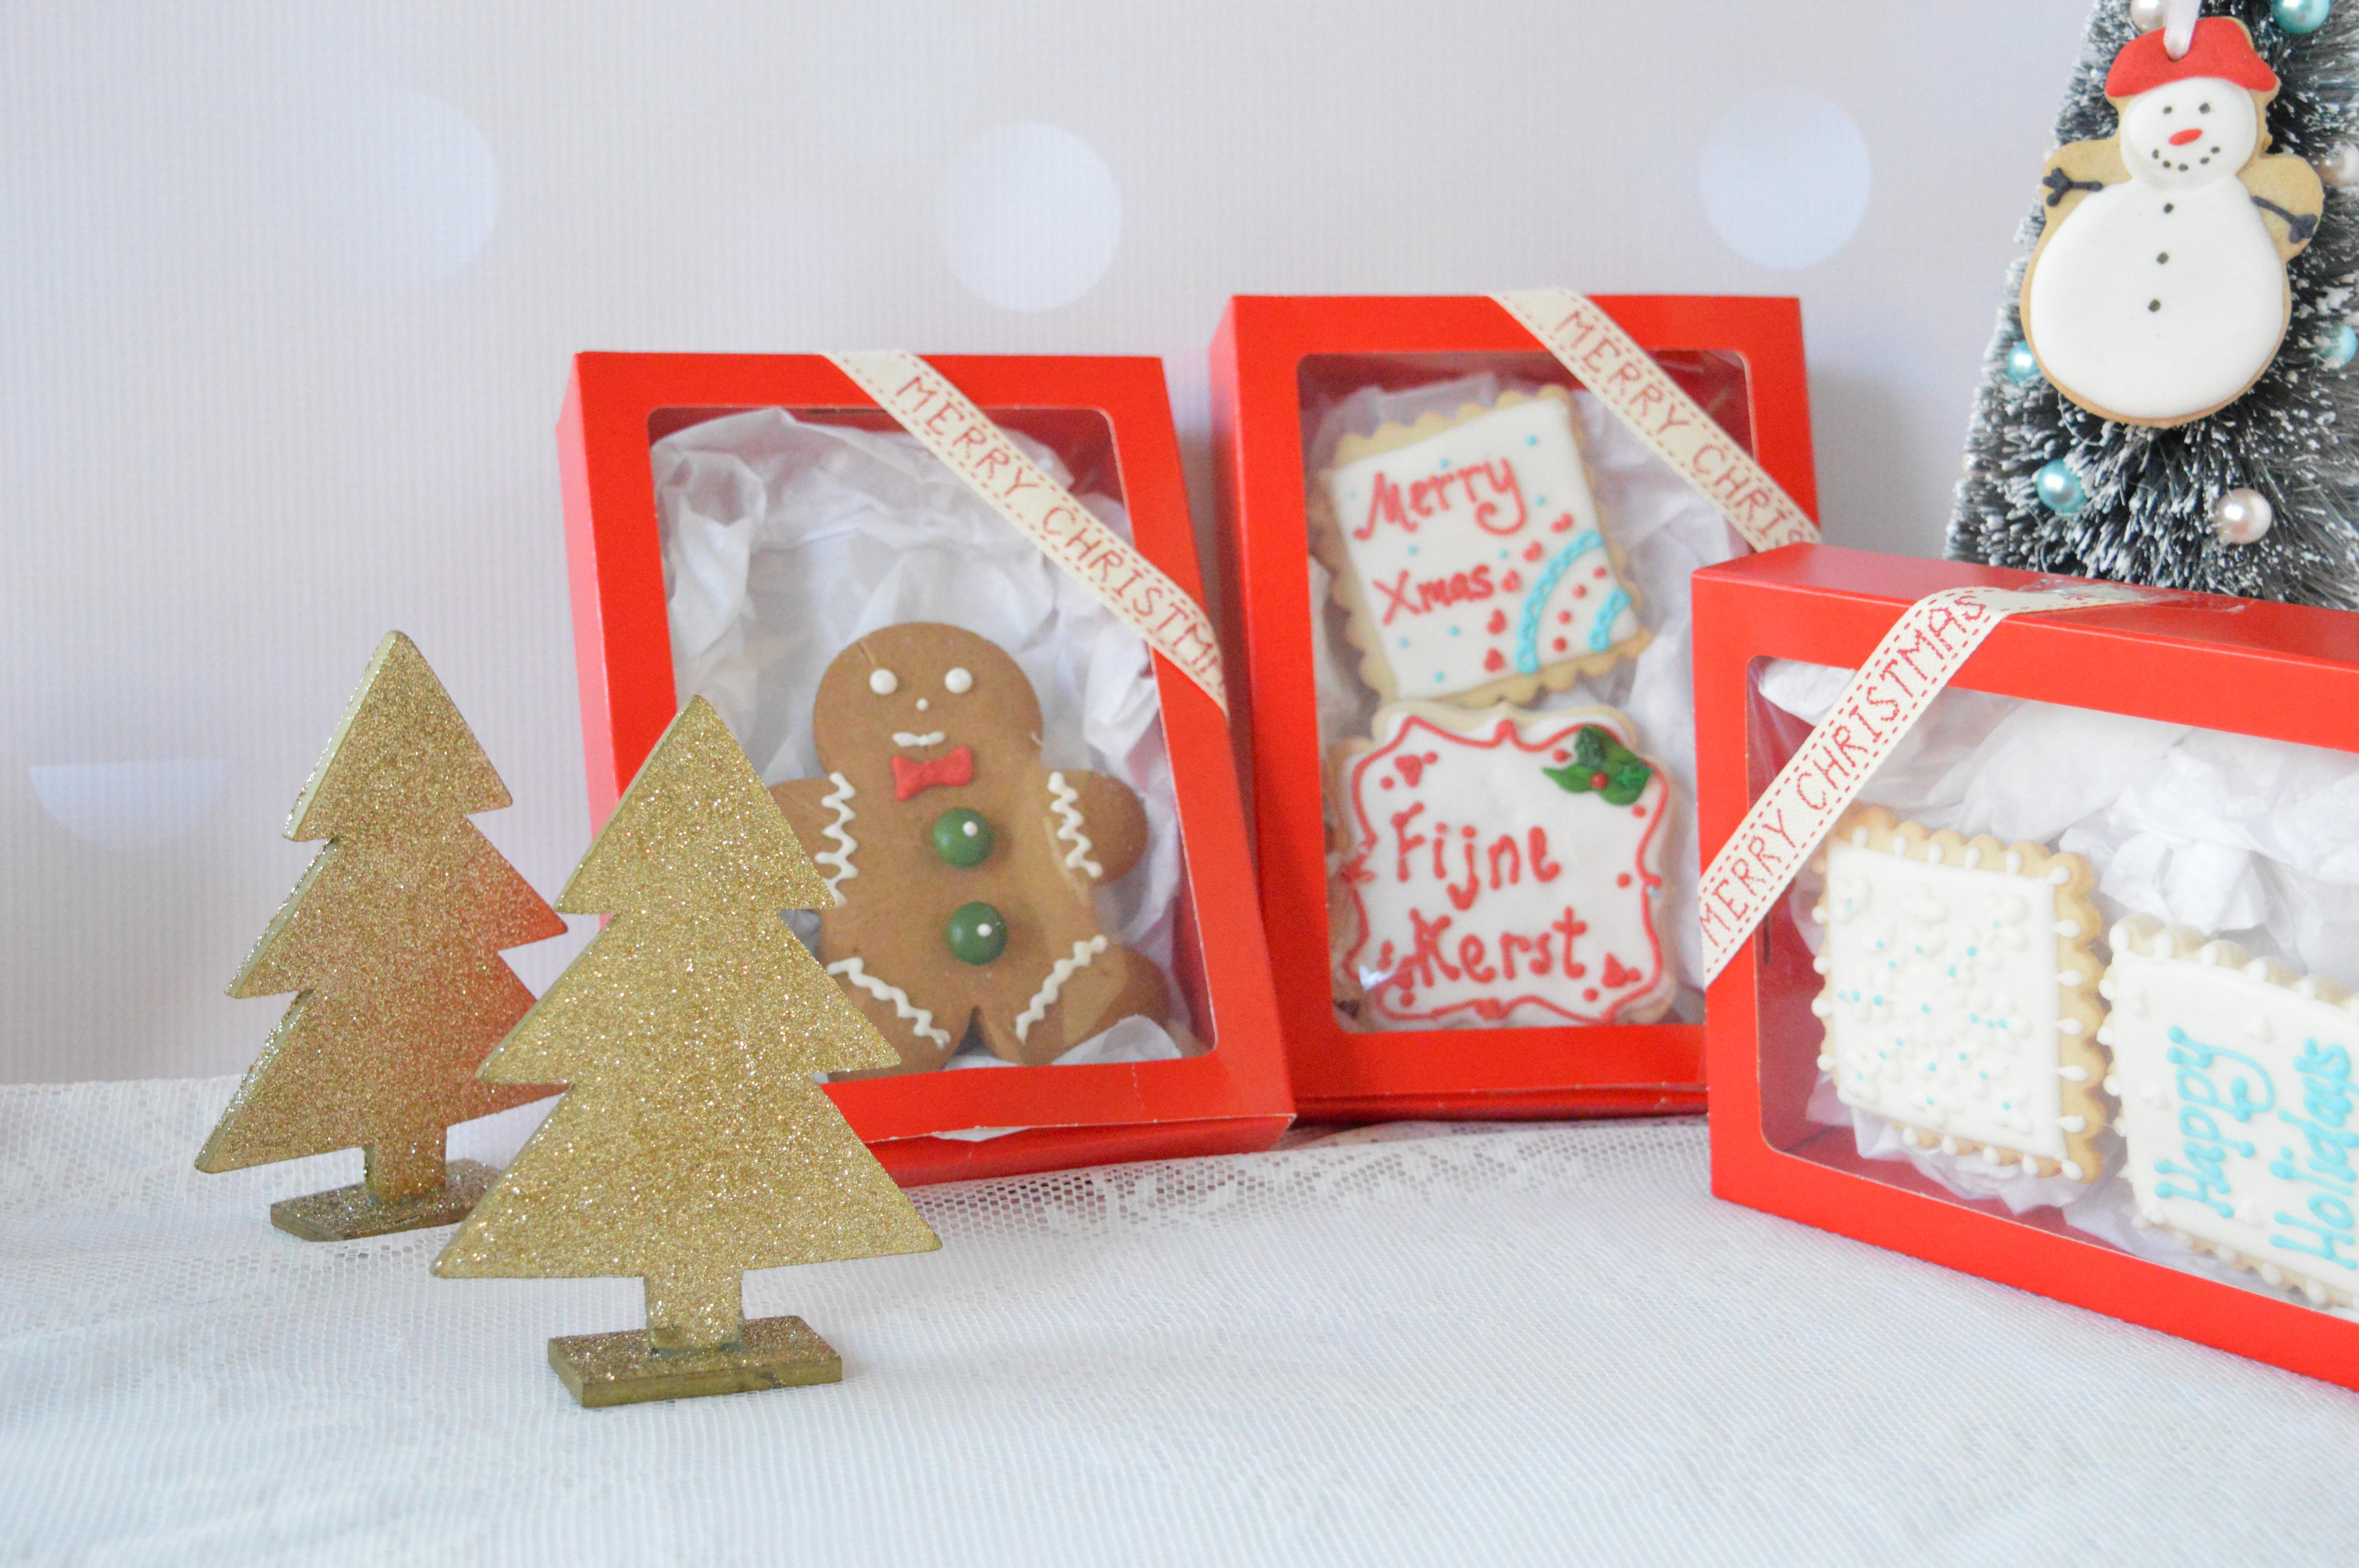 Kerst koekjes, gingerbread cookies